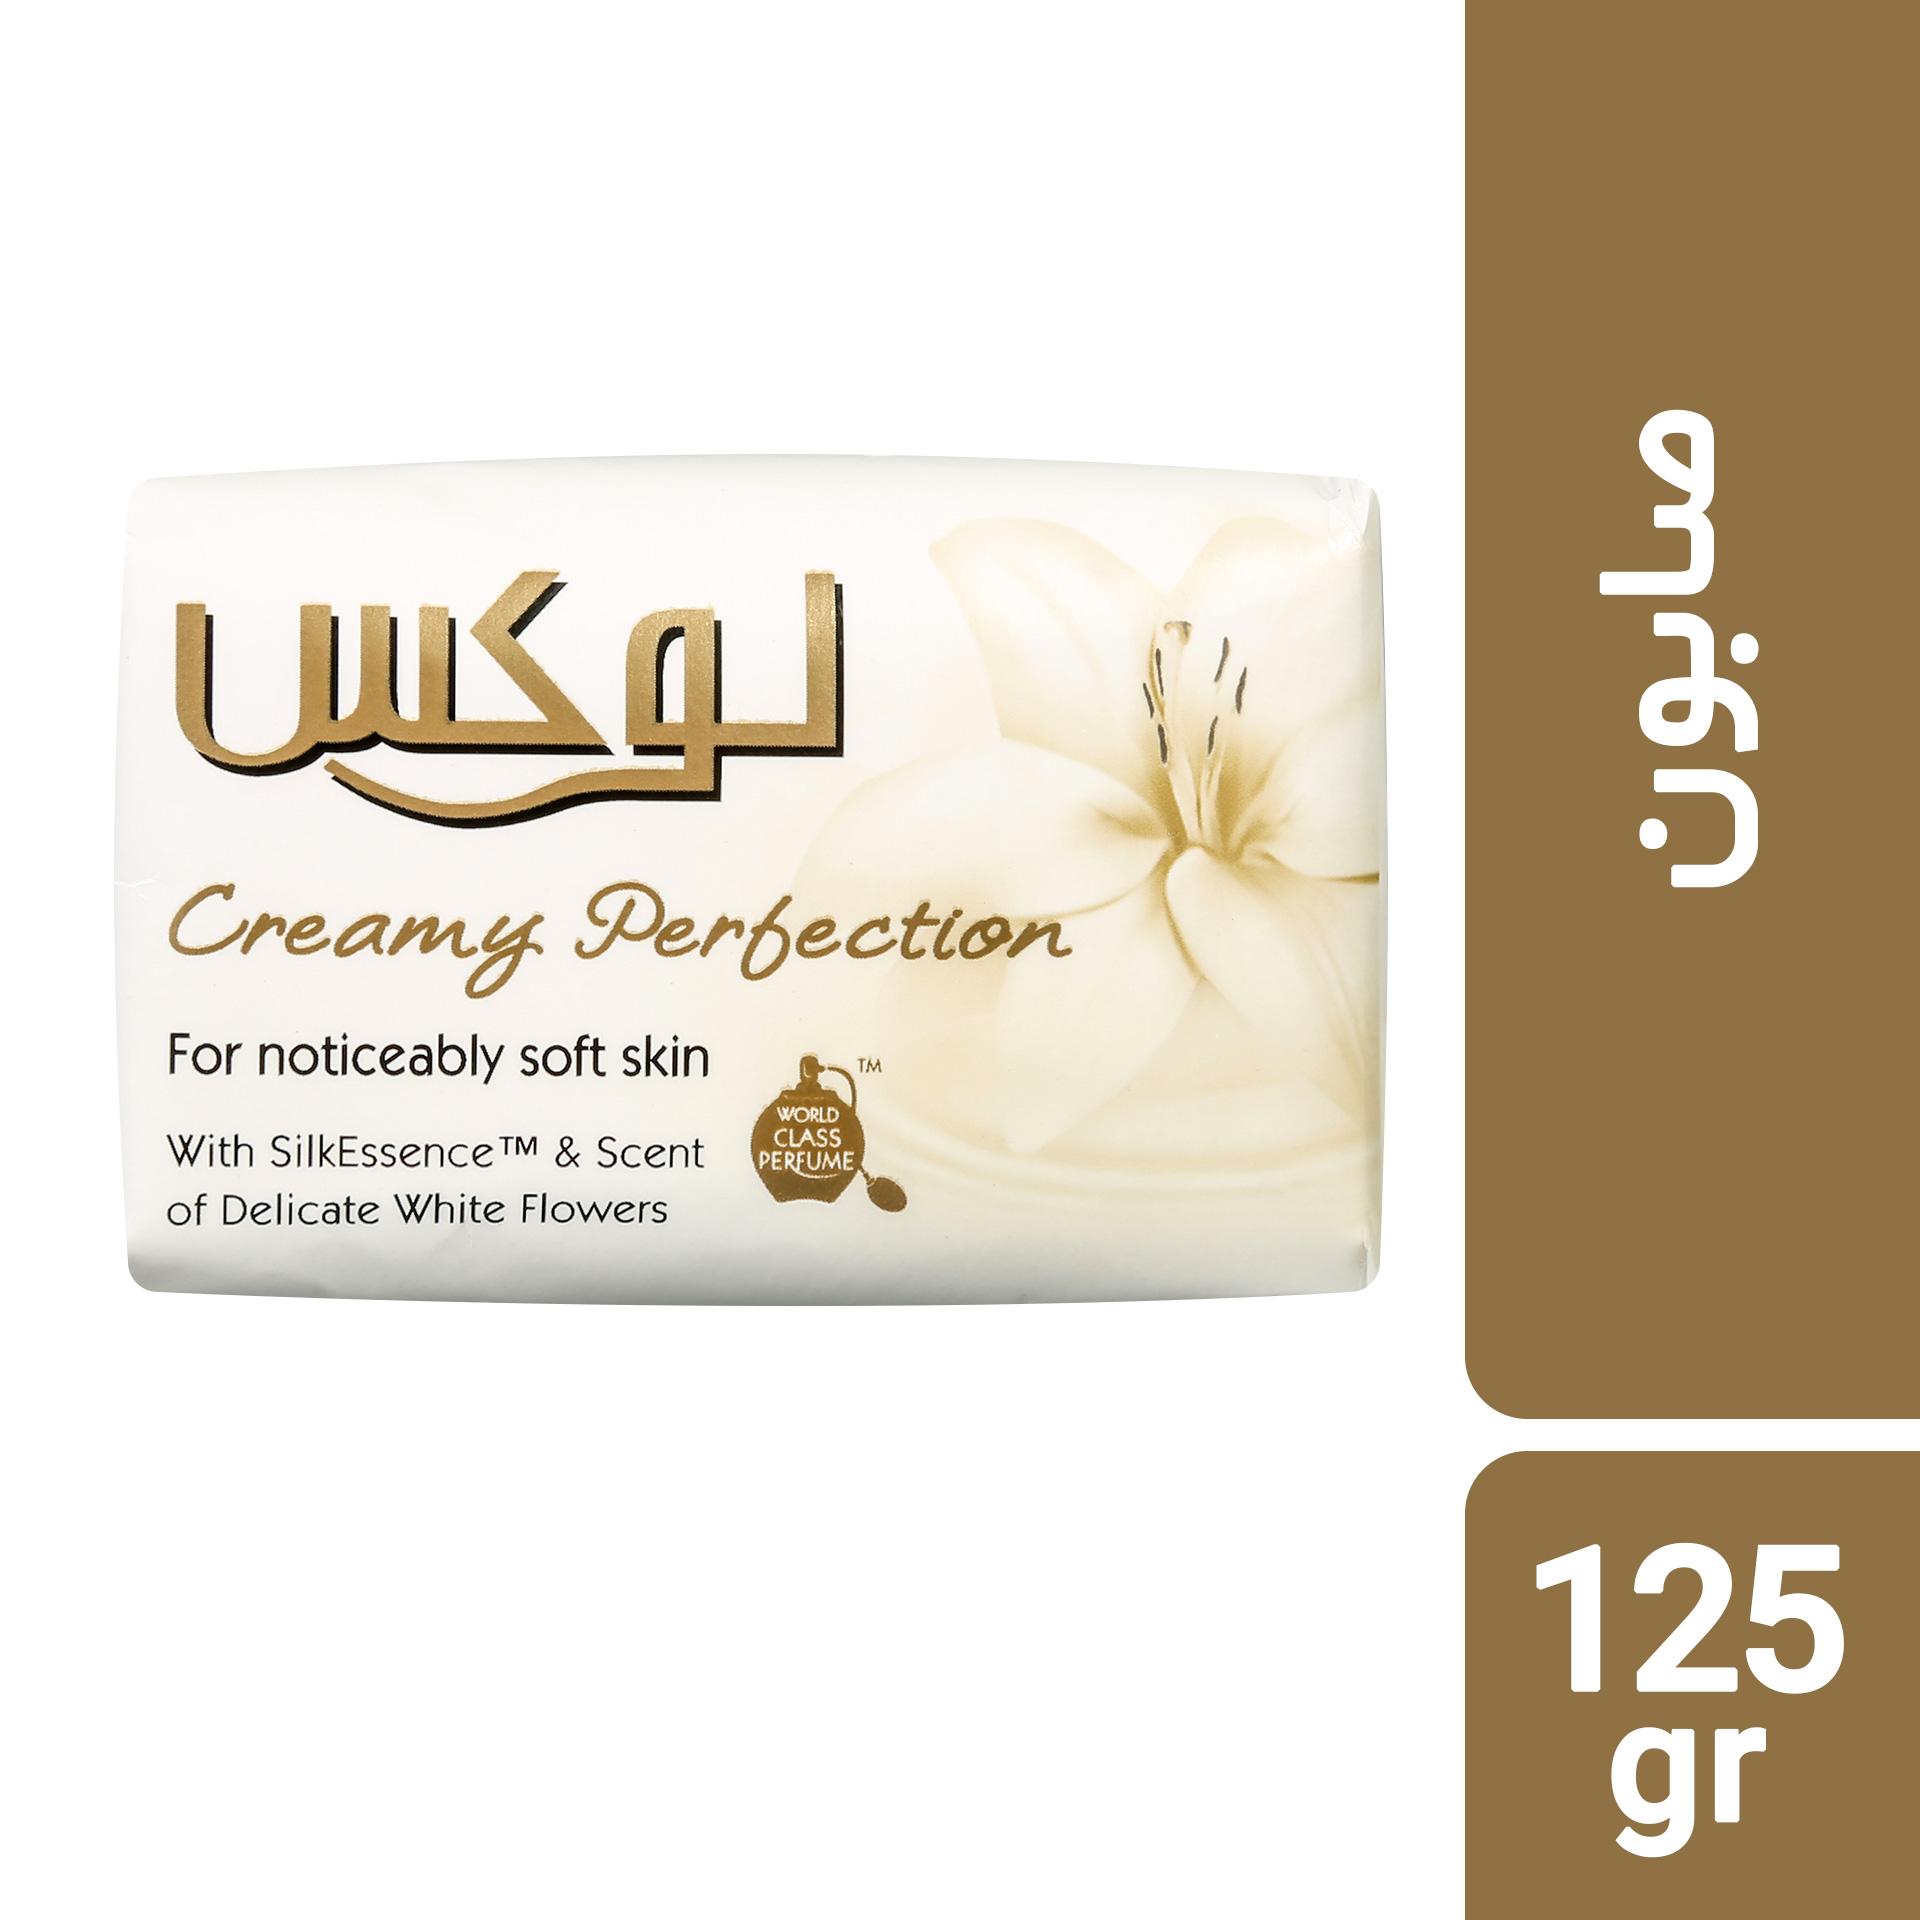 صابون لوکس مدل Creamy Perfection مقدار 125 گرم بسته 6 عددی